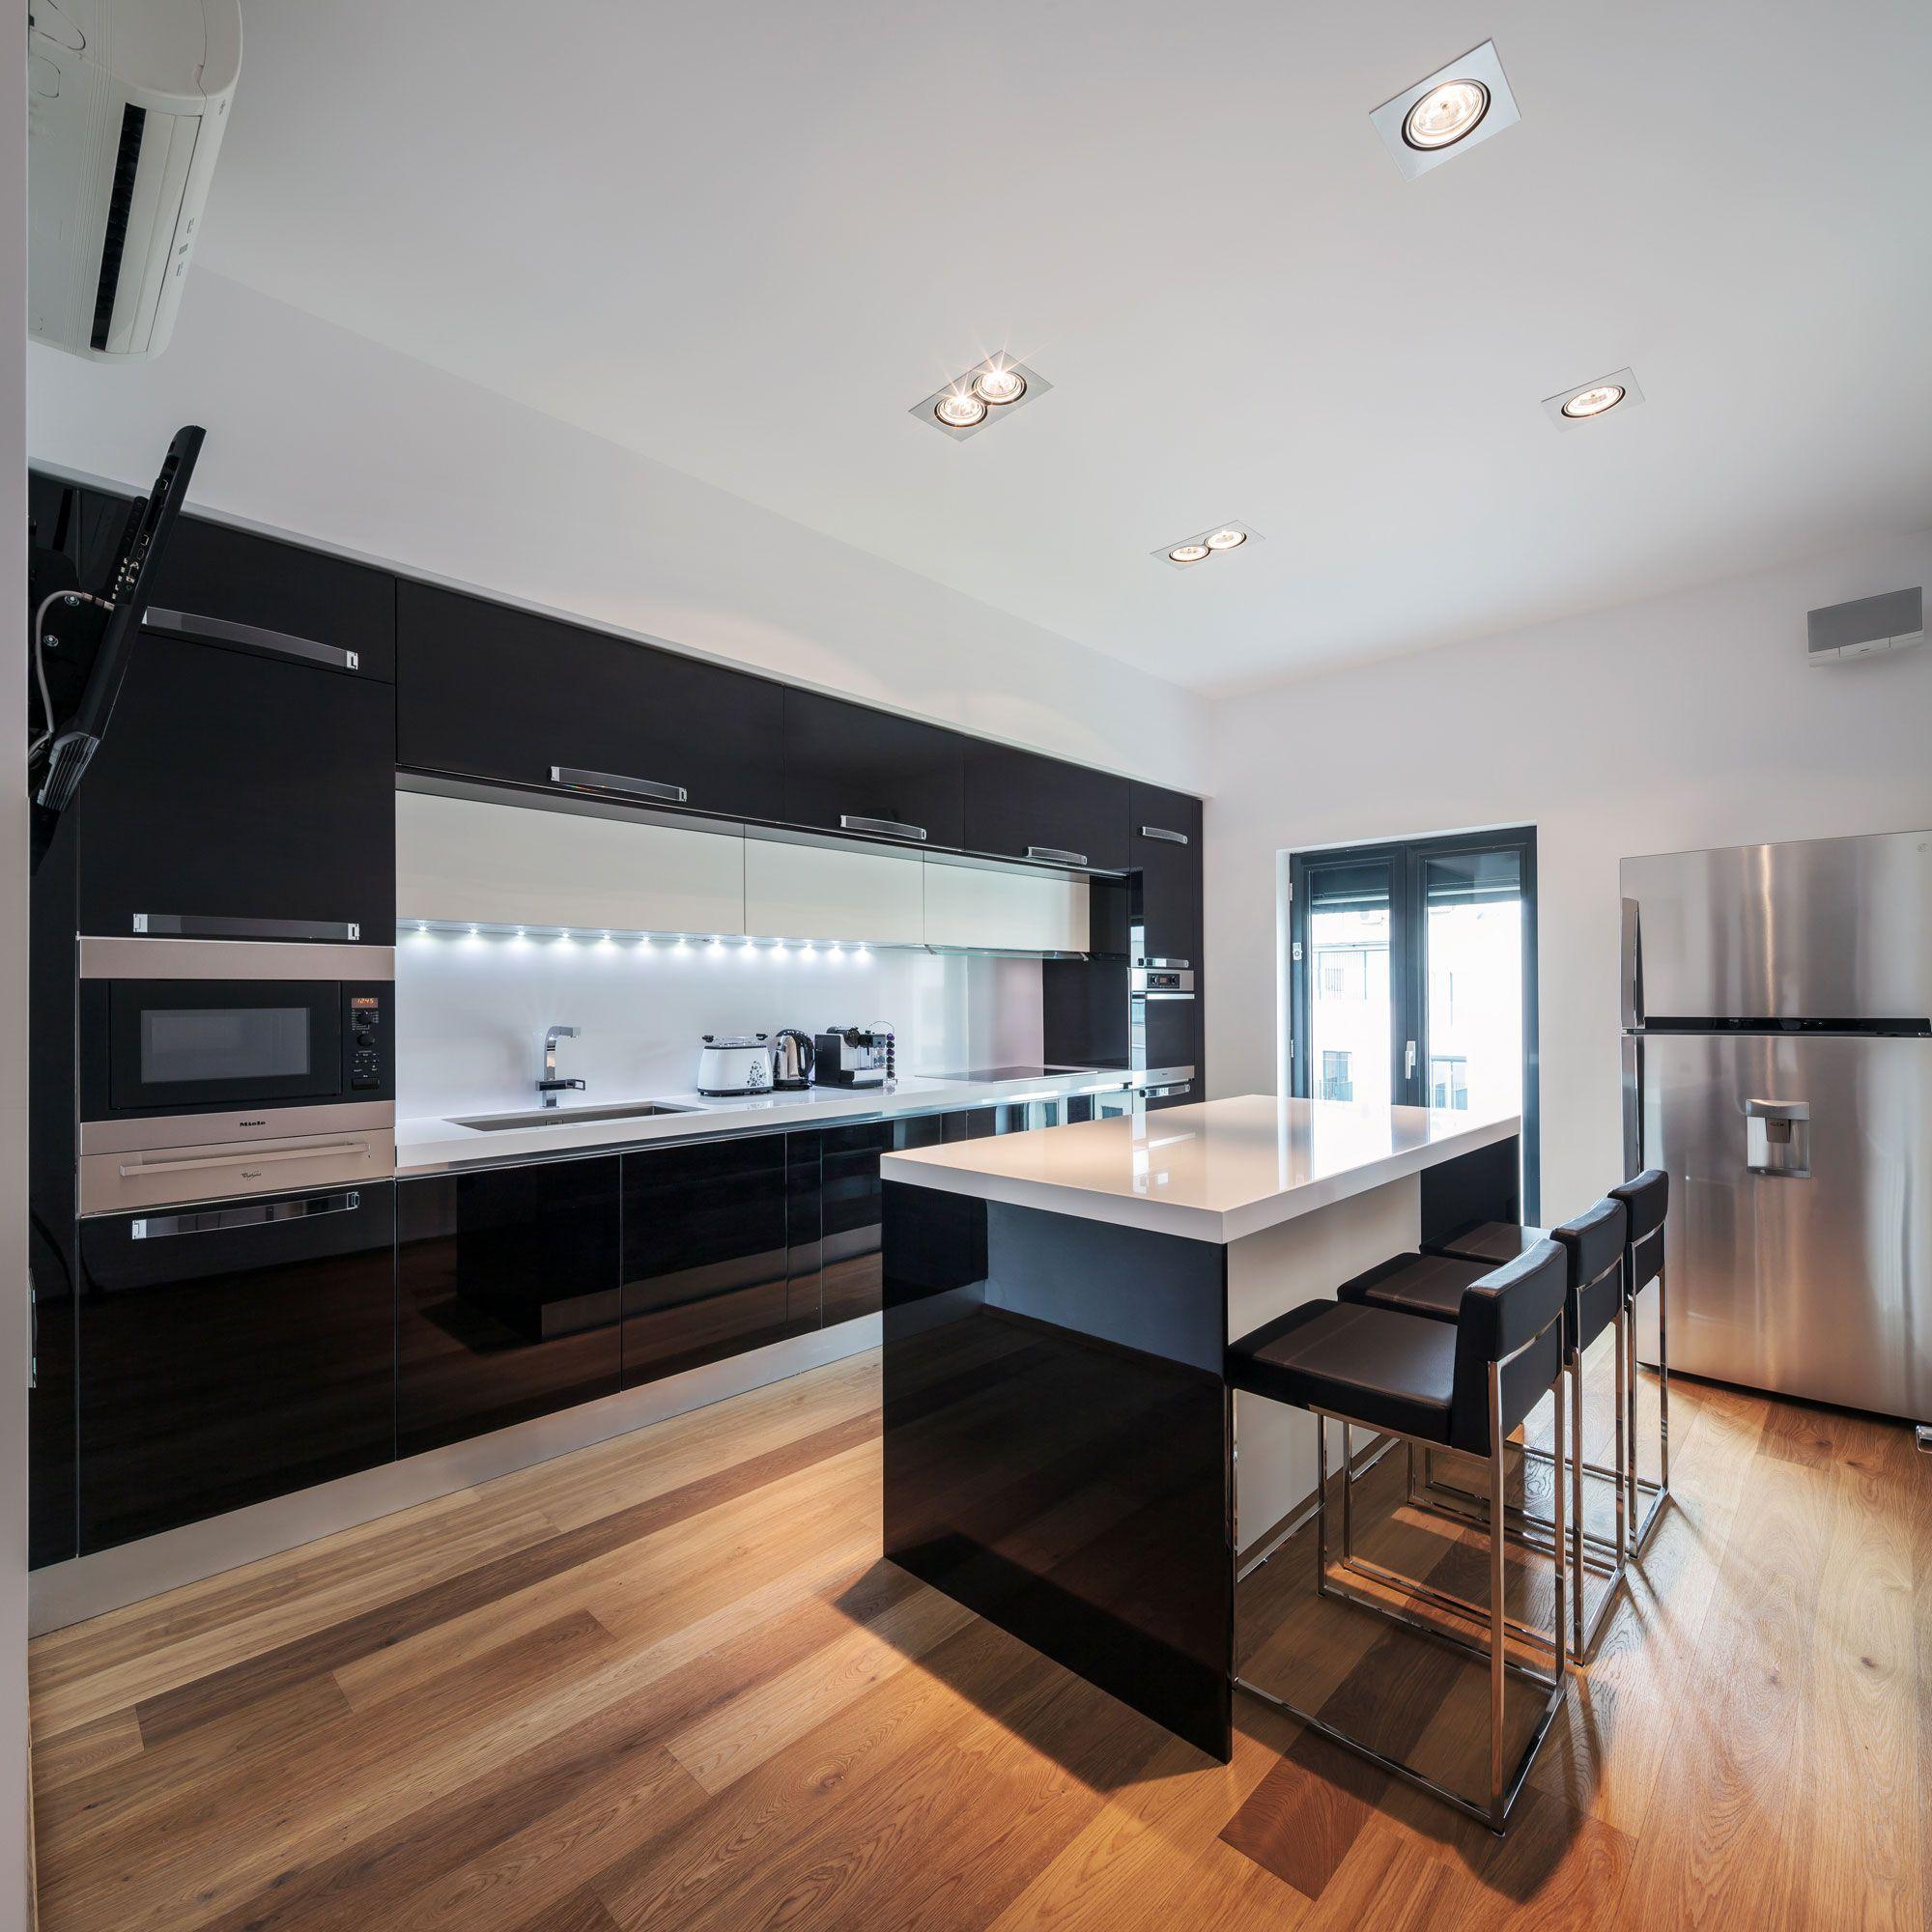 Schwarze Küche Mit Holzboden Photo Page Hgtv